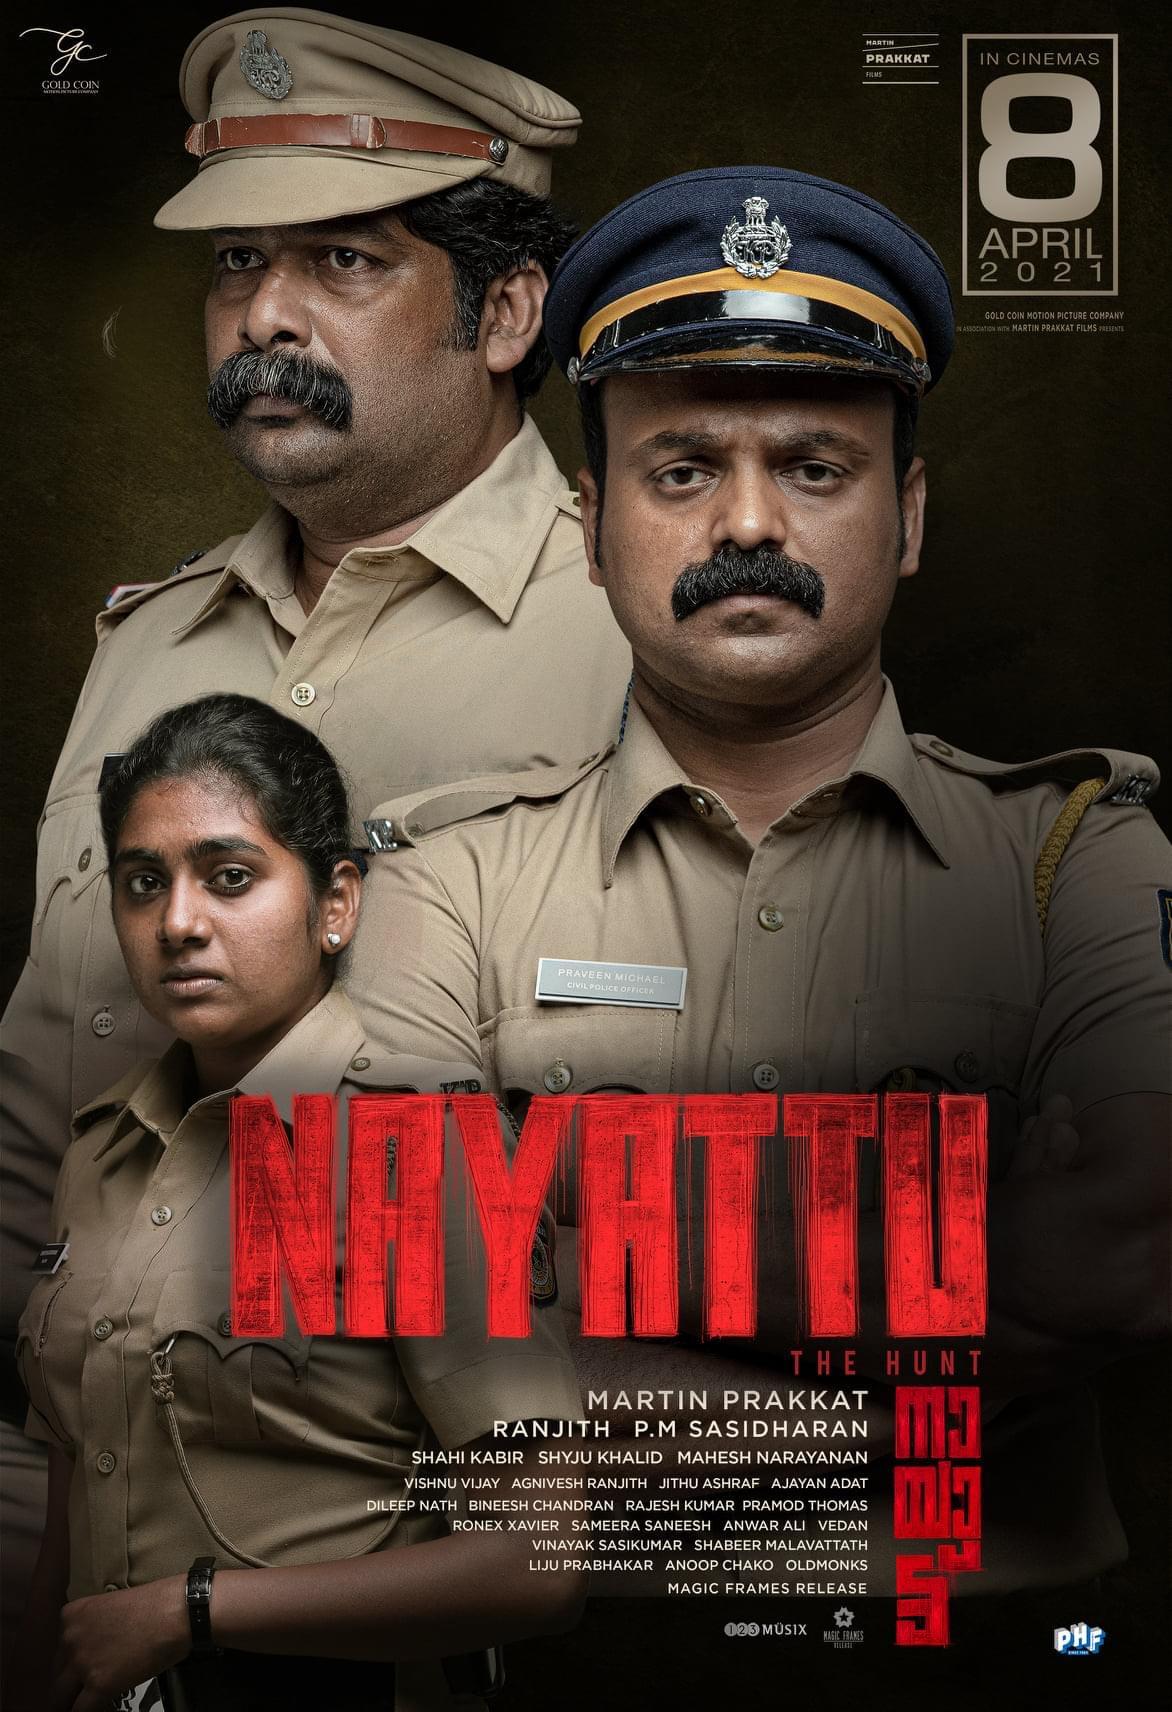 Free Download Nayattu Full Movie